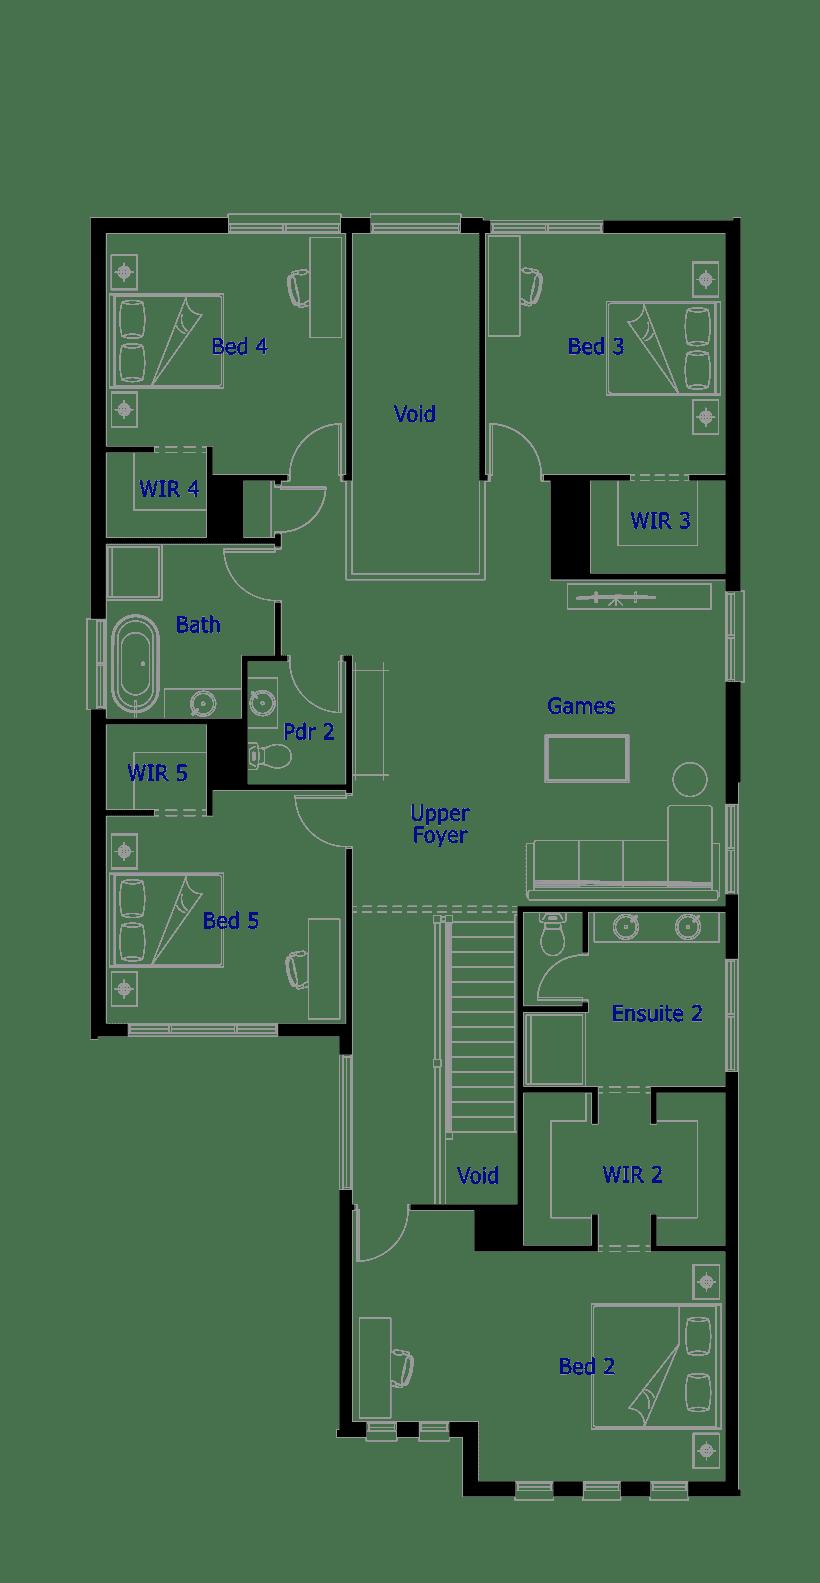 FloorPlan2_HOUSE687_Sandford_47-02